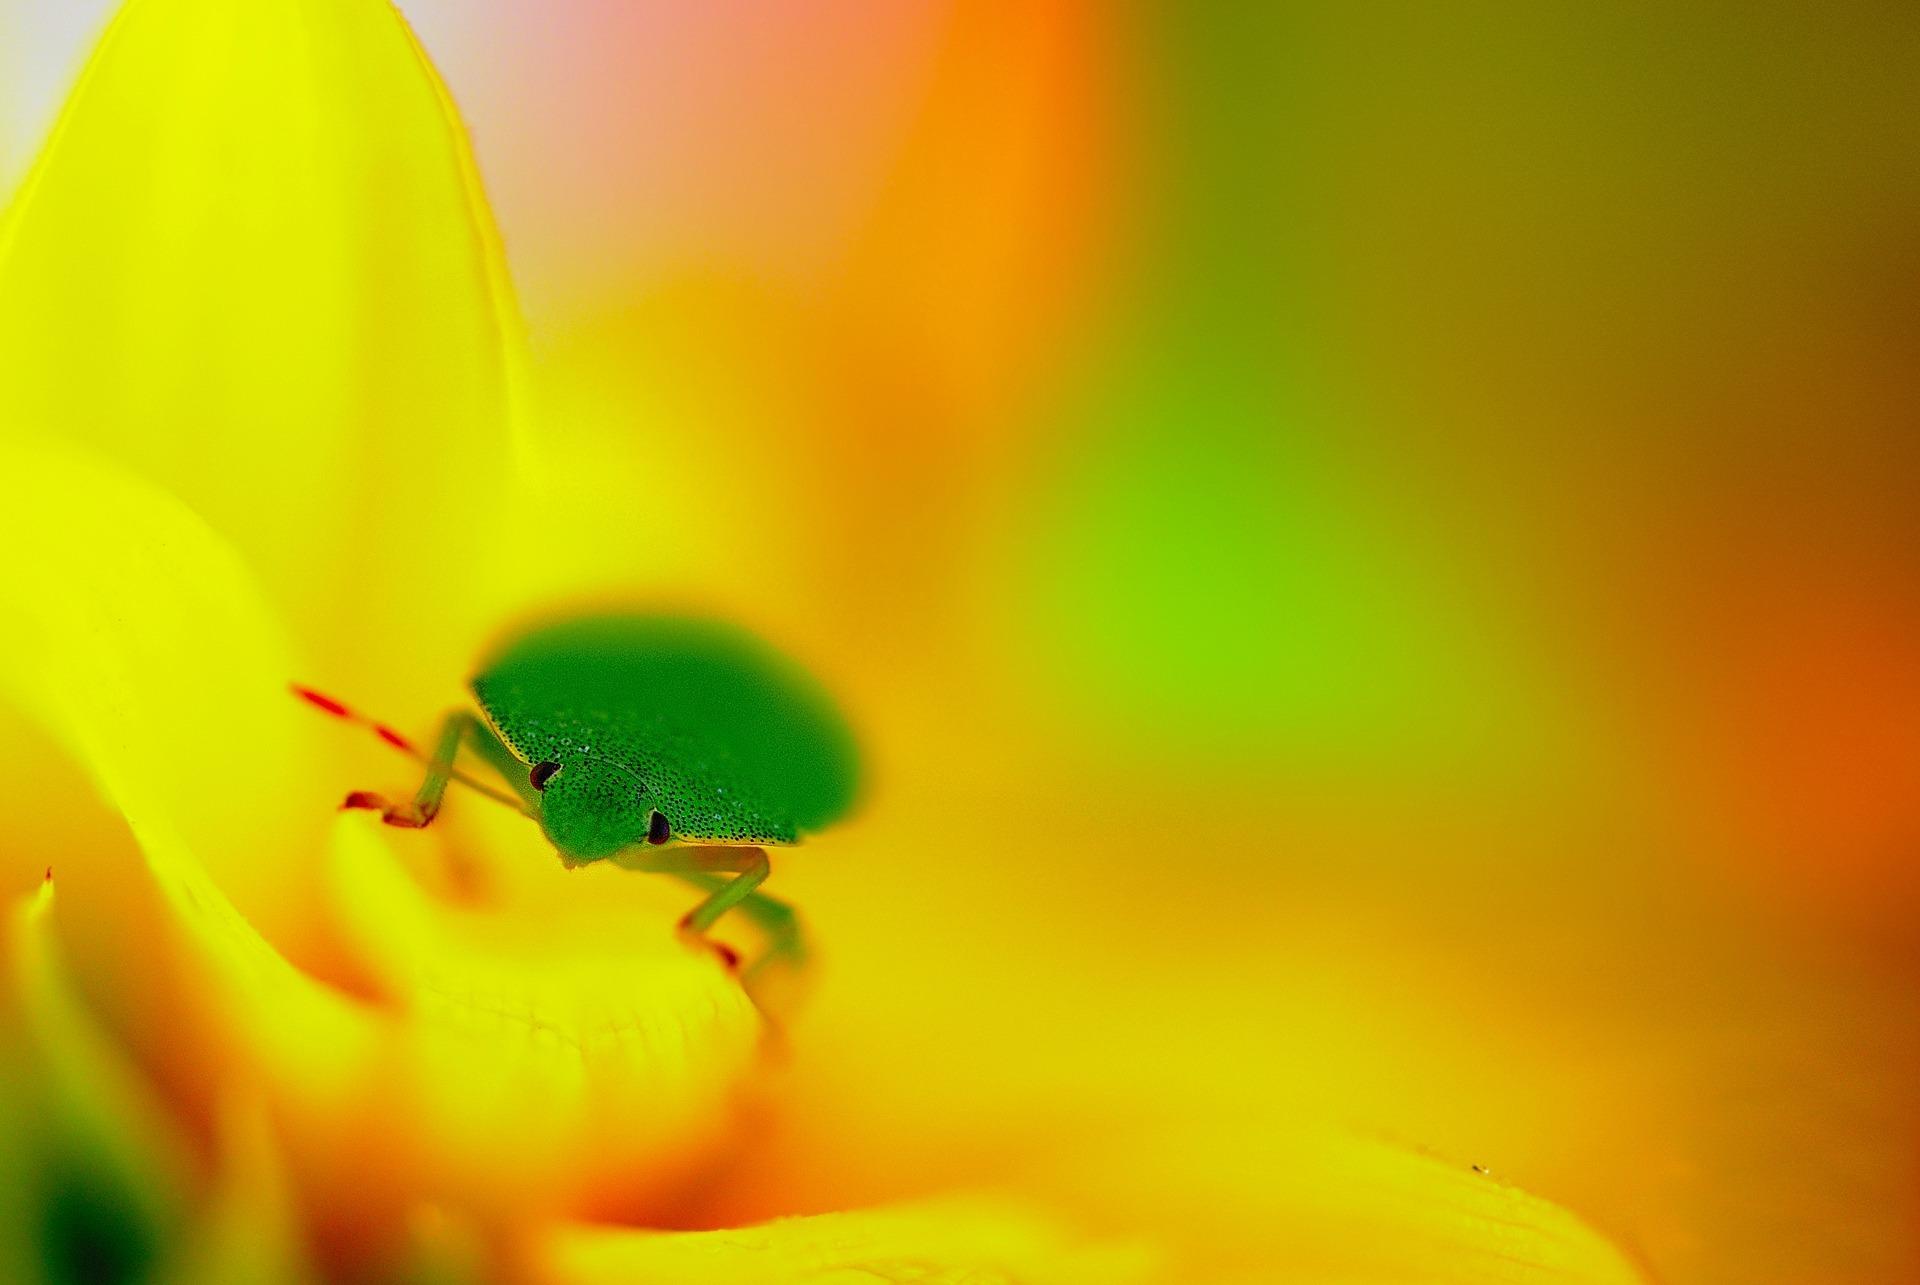 могут присесть картинки на рабочий стол зеленый желтый встрече